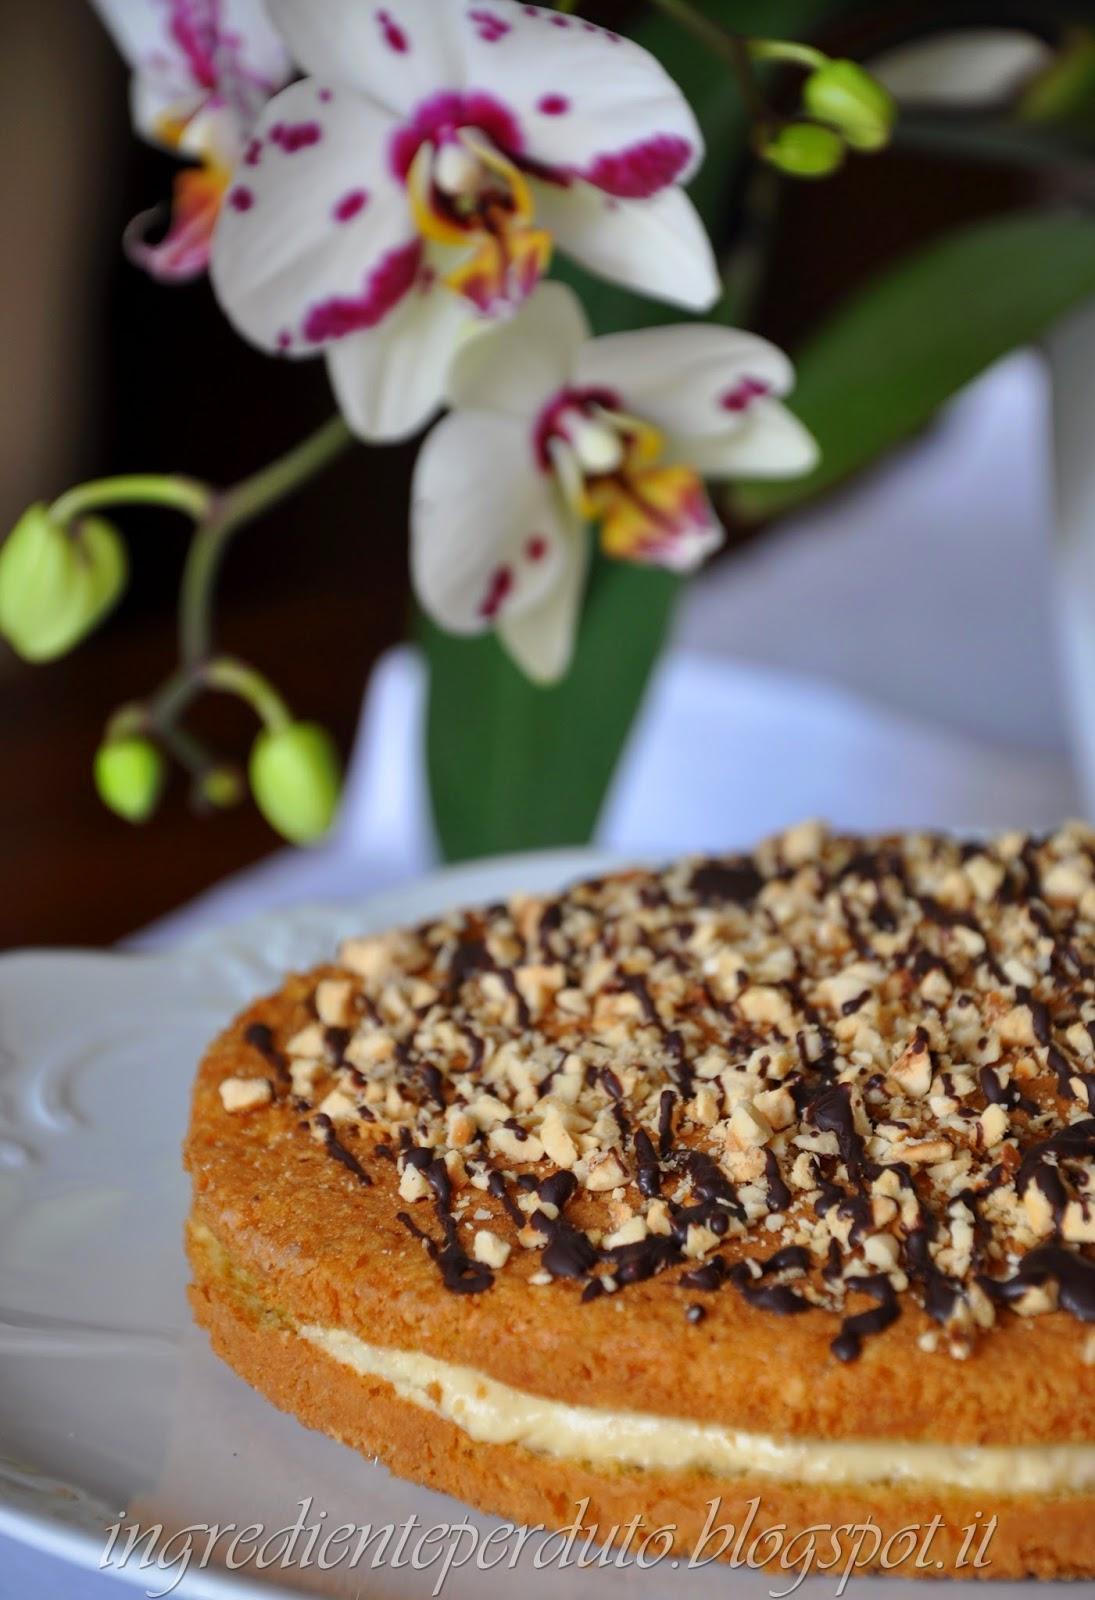 la torta nocciolata, un sapore ritrovato grazie alla nocciola di giffoni igp